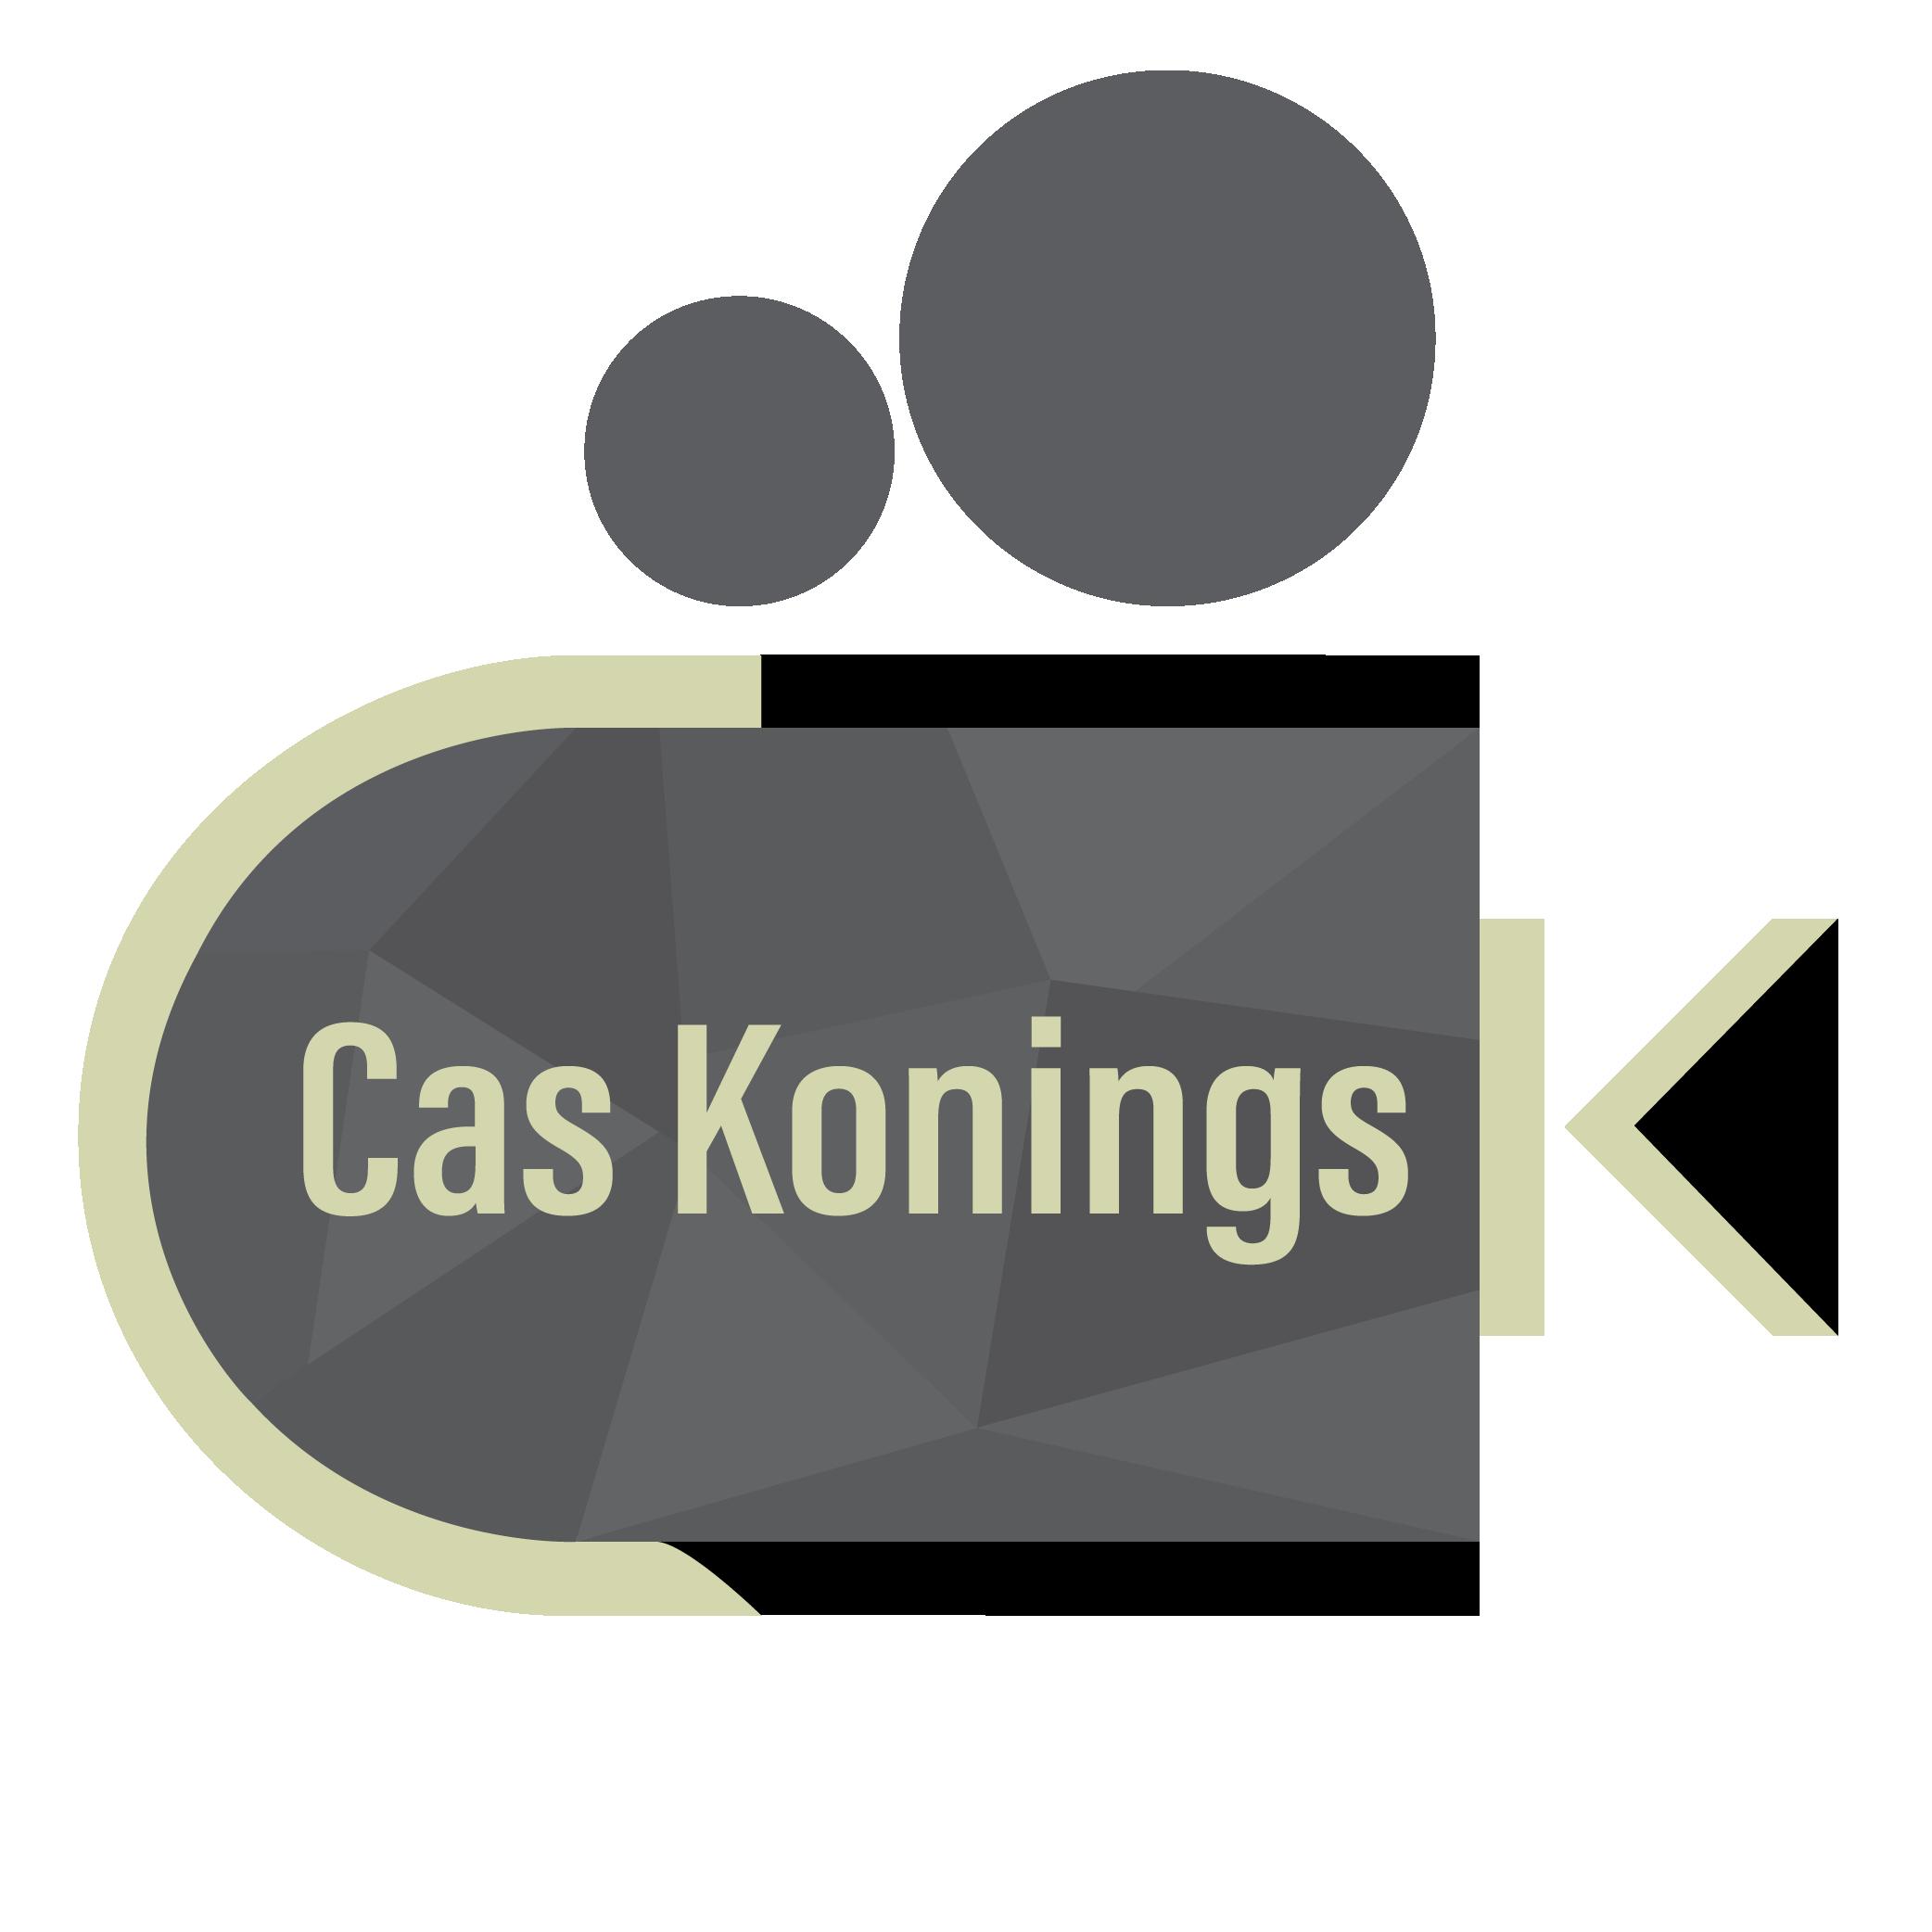 Cas Konings